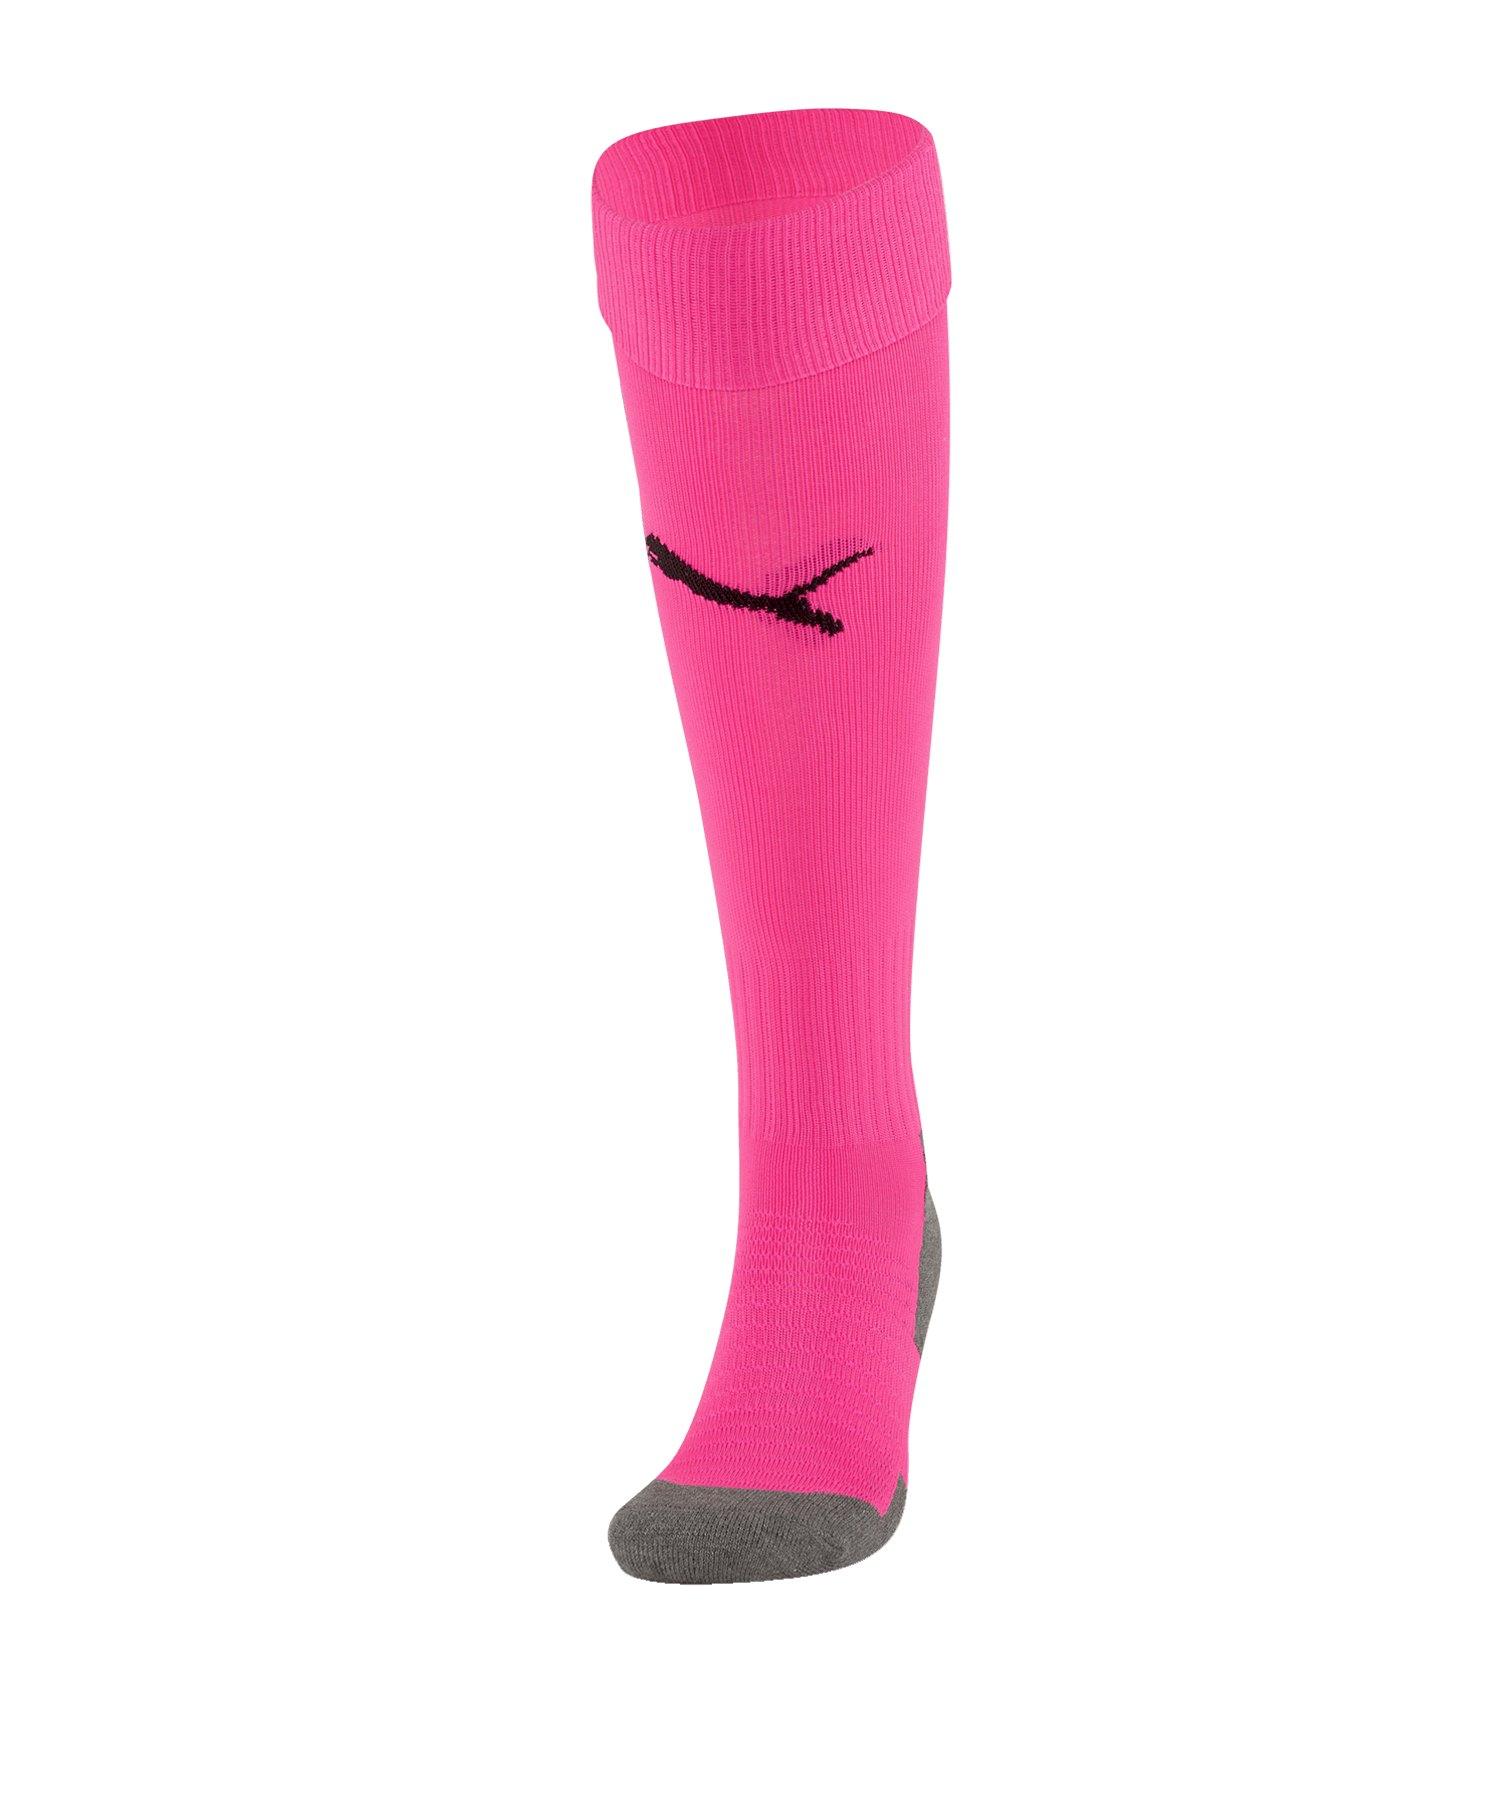 PUMA LIGA Socks Core Stutzenstrumpf Pink F31 - pink